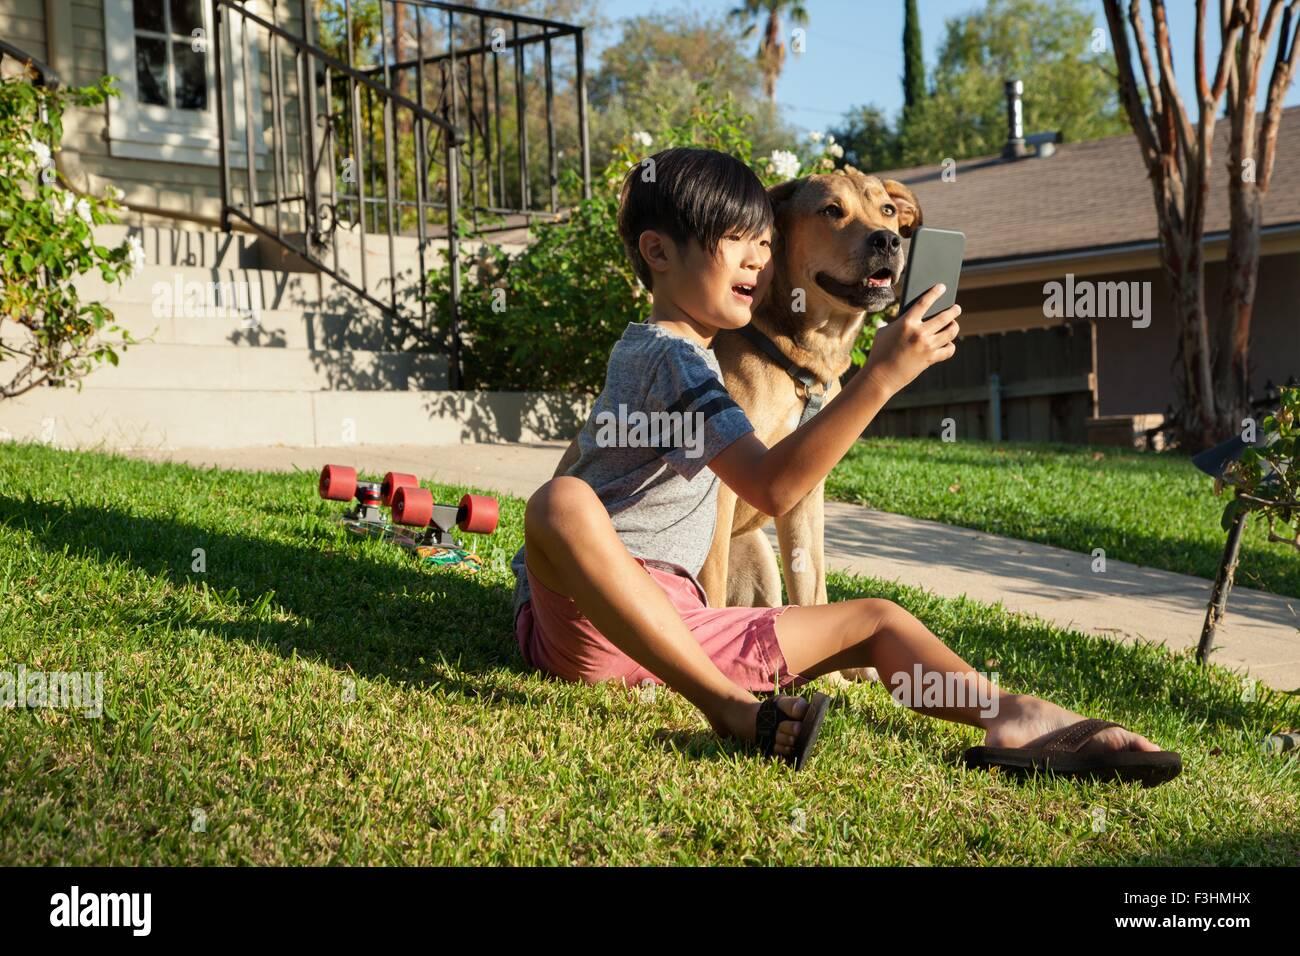 Ragazzo in posa per smartphone selfie con il cane in giardino Immagini Stock